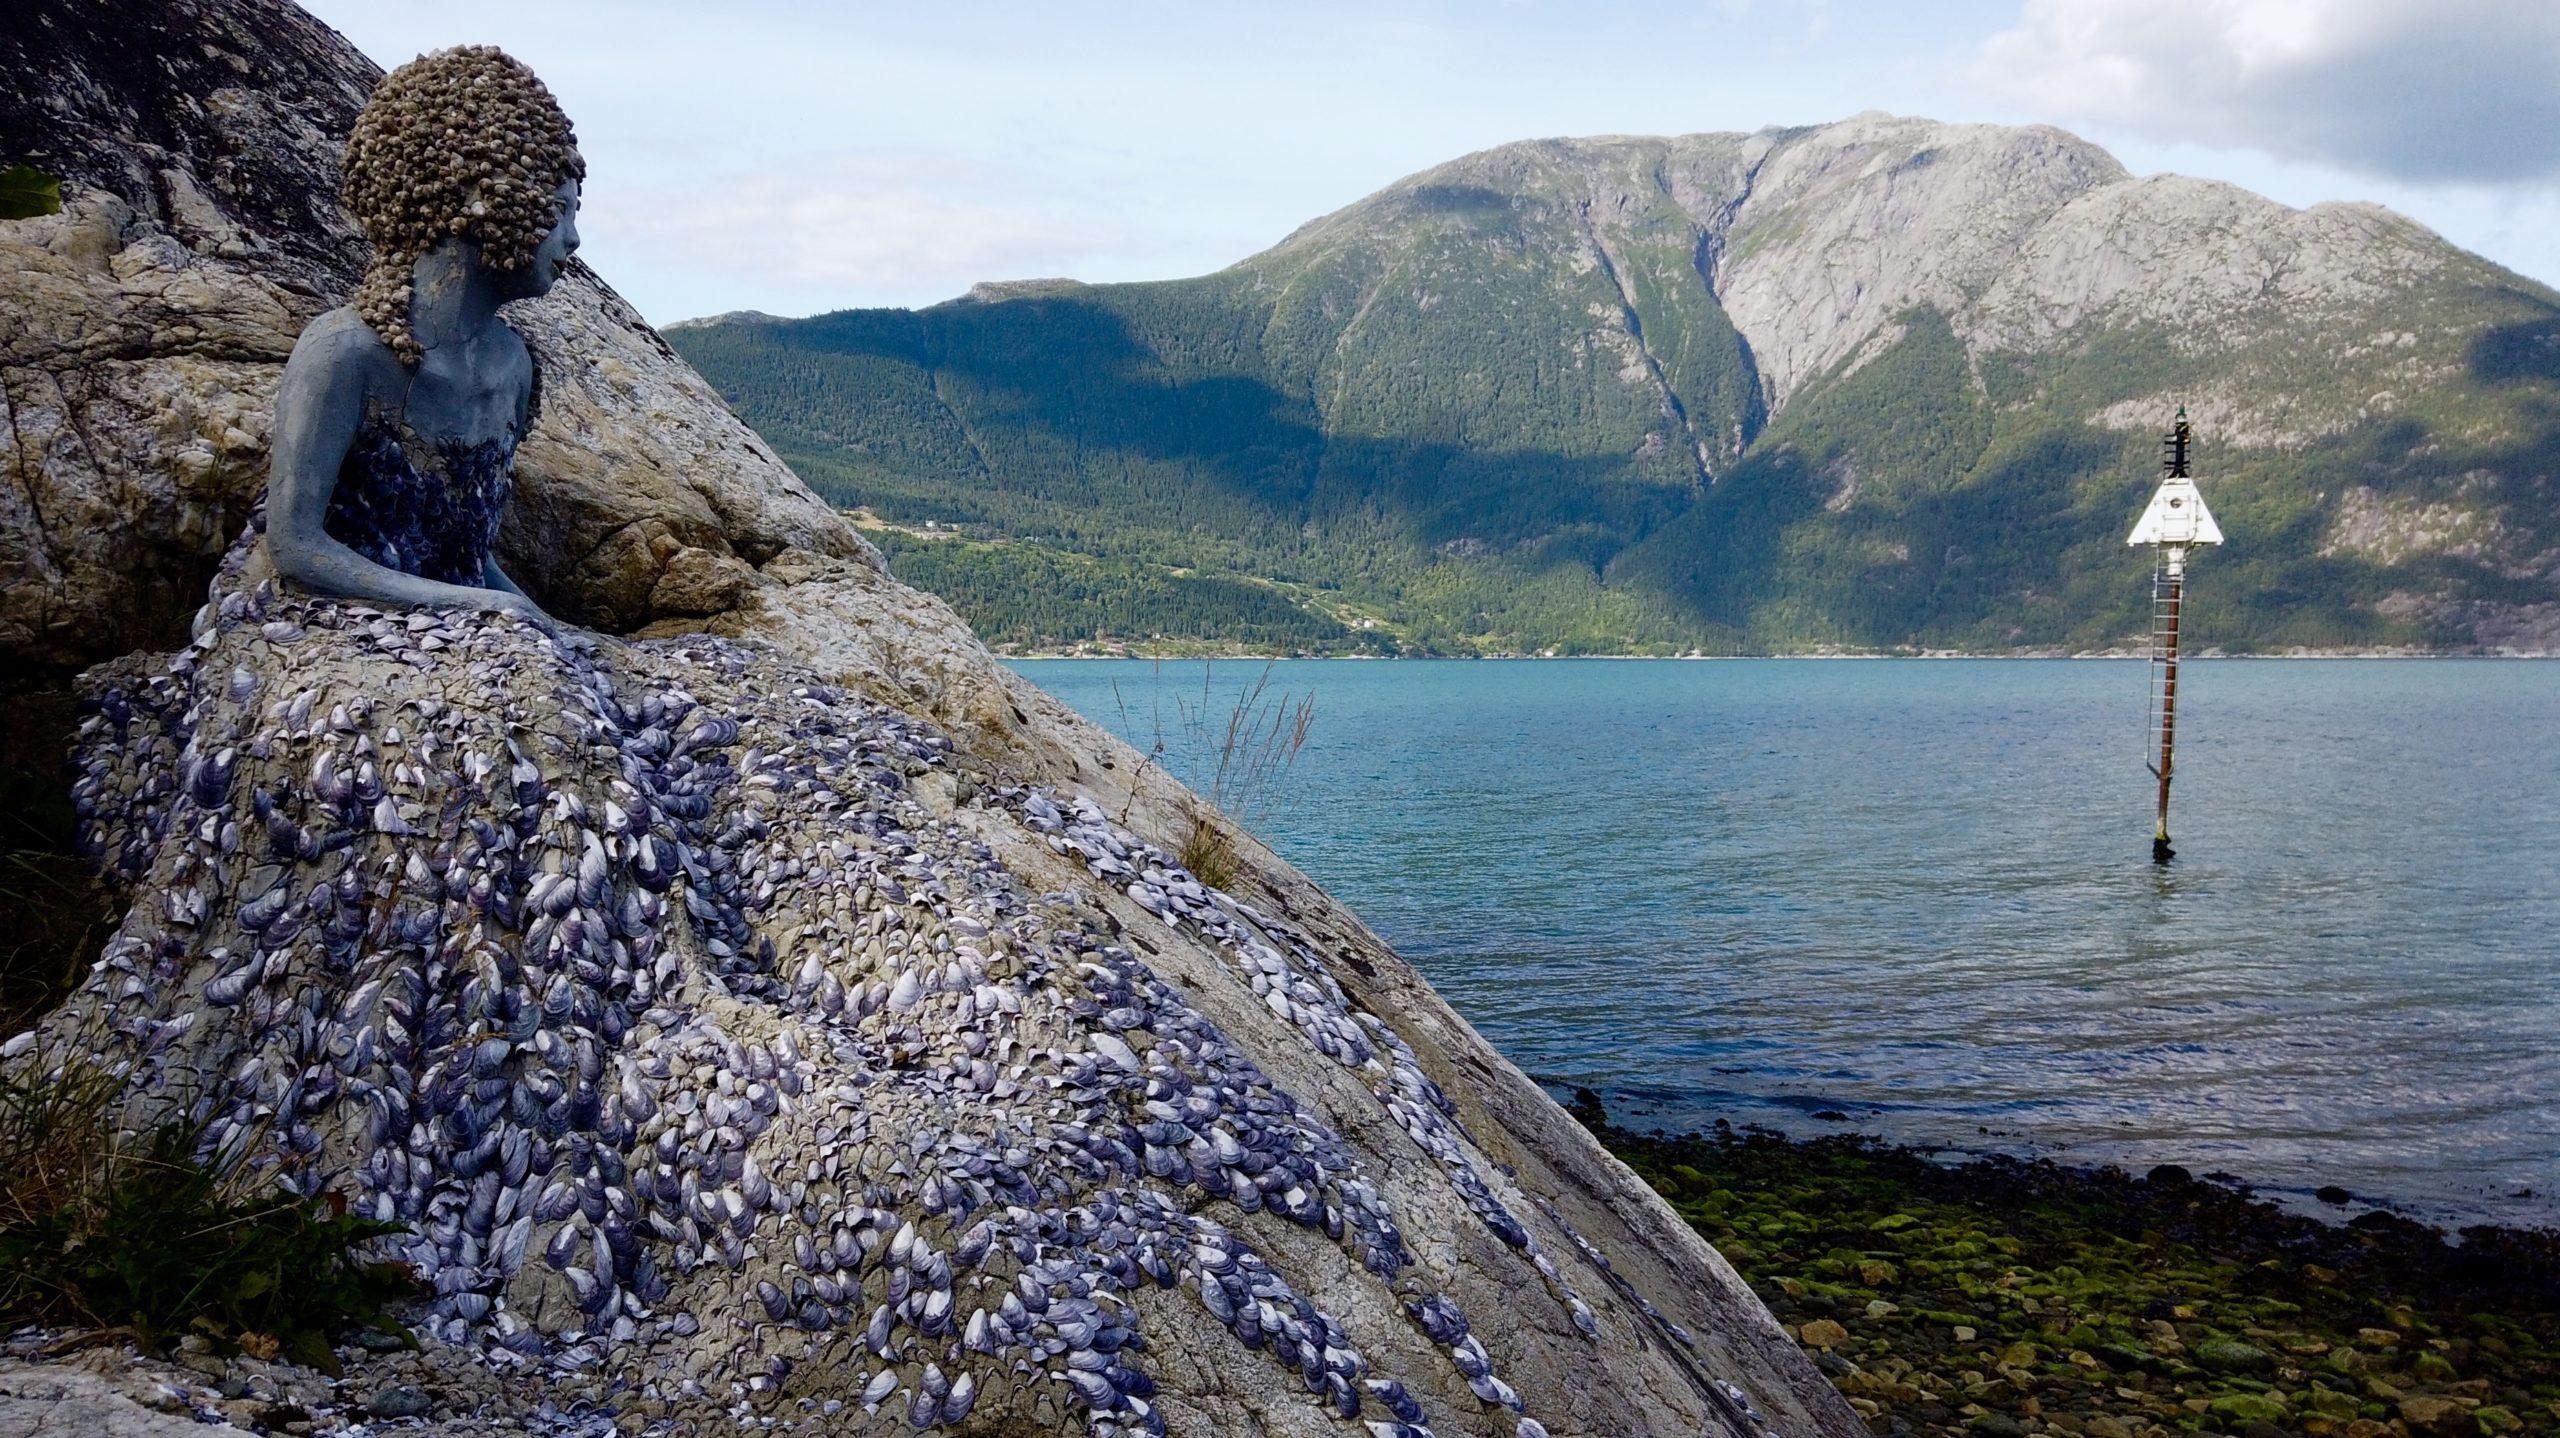 Bilete av havfrue i stein på Utne som skuer utover fjorden. Foto.